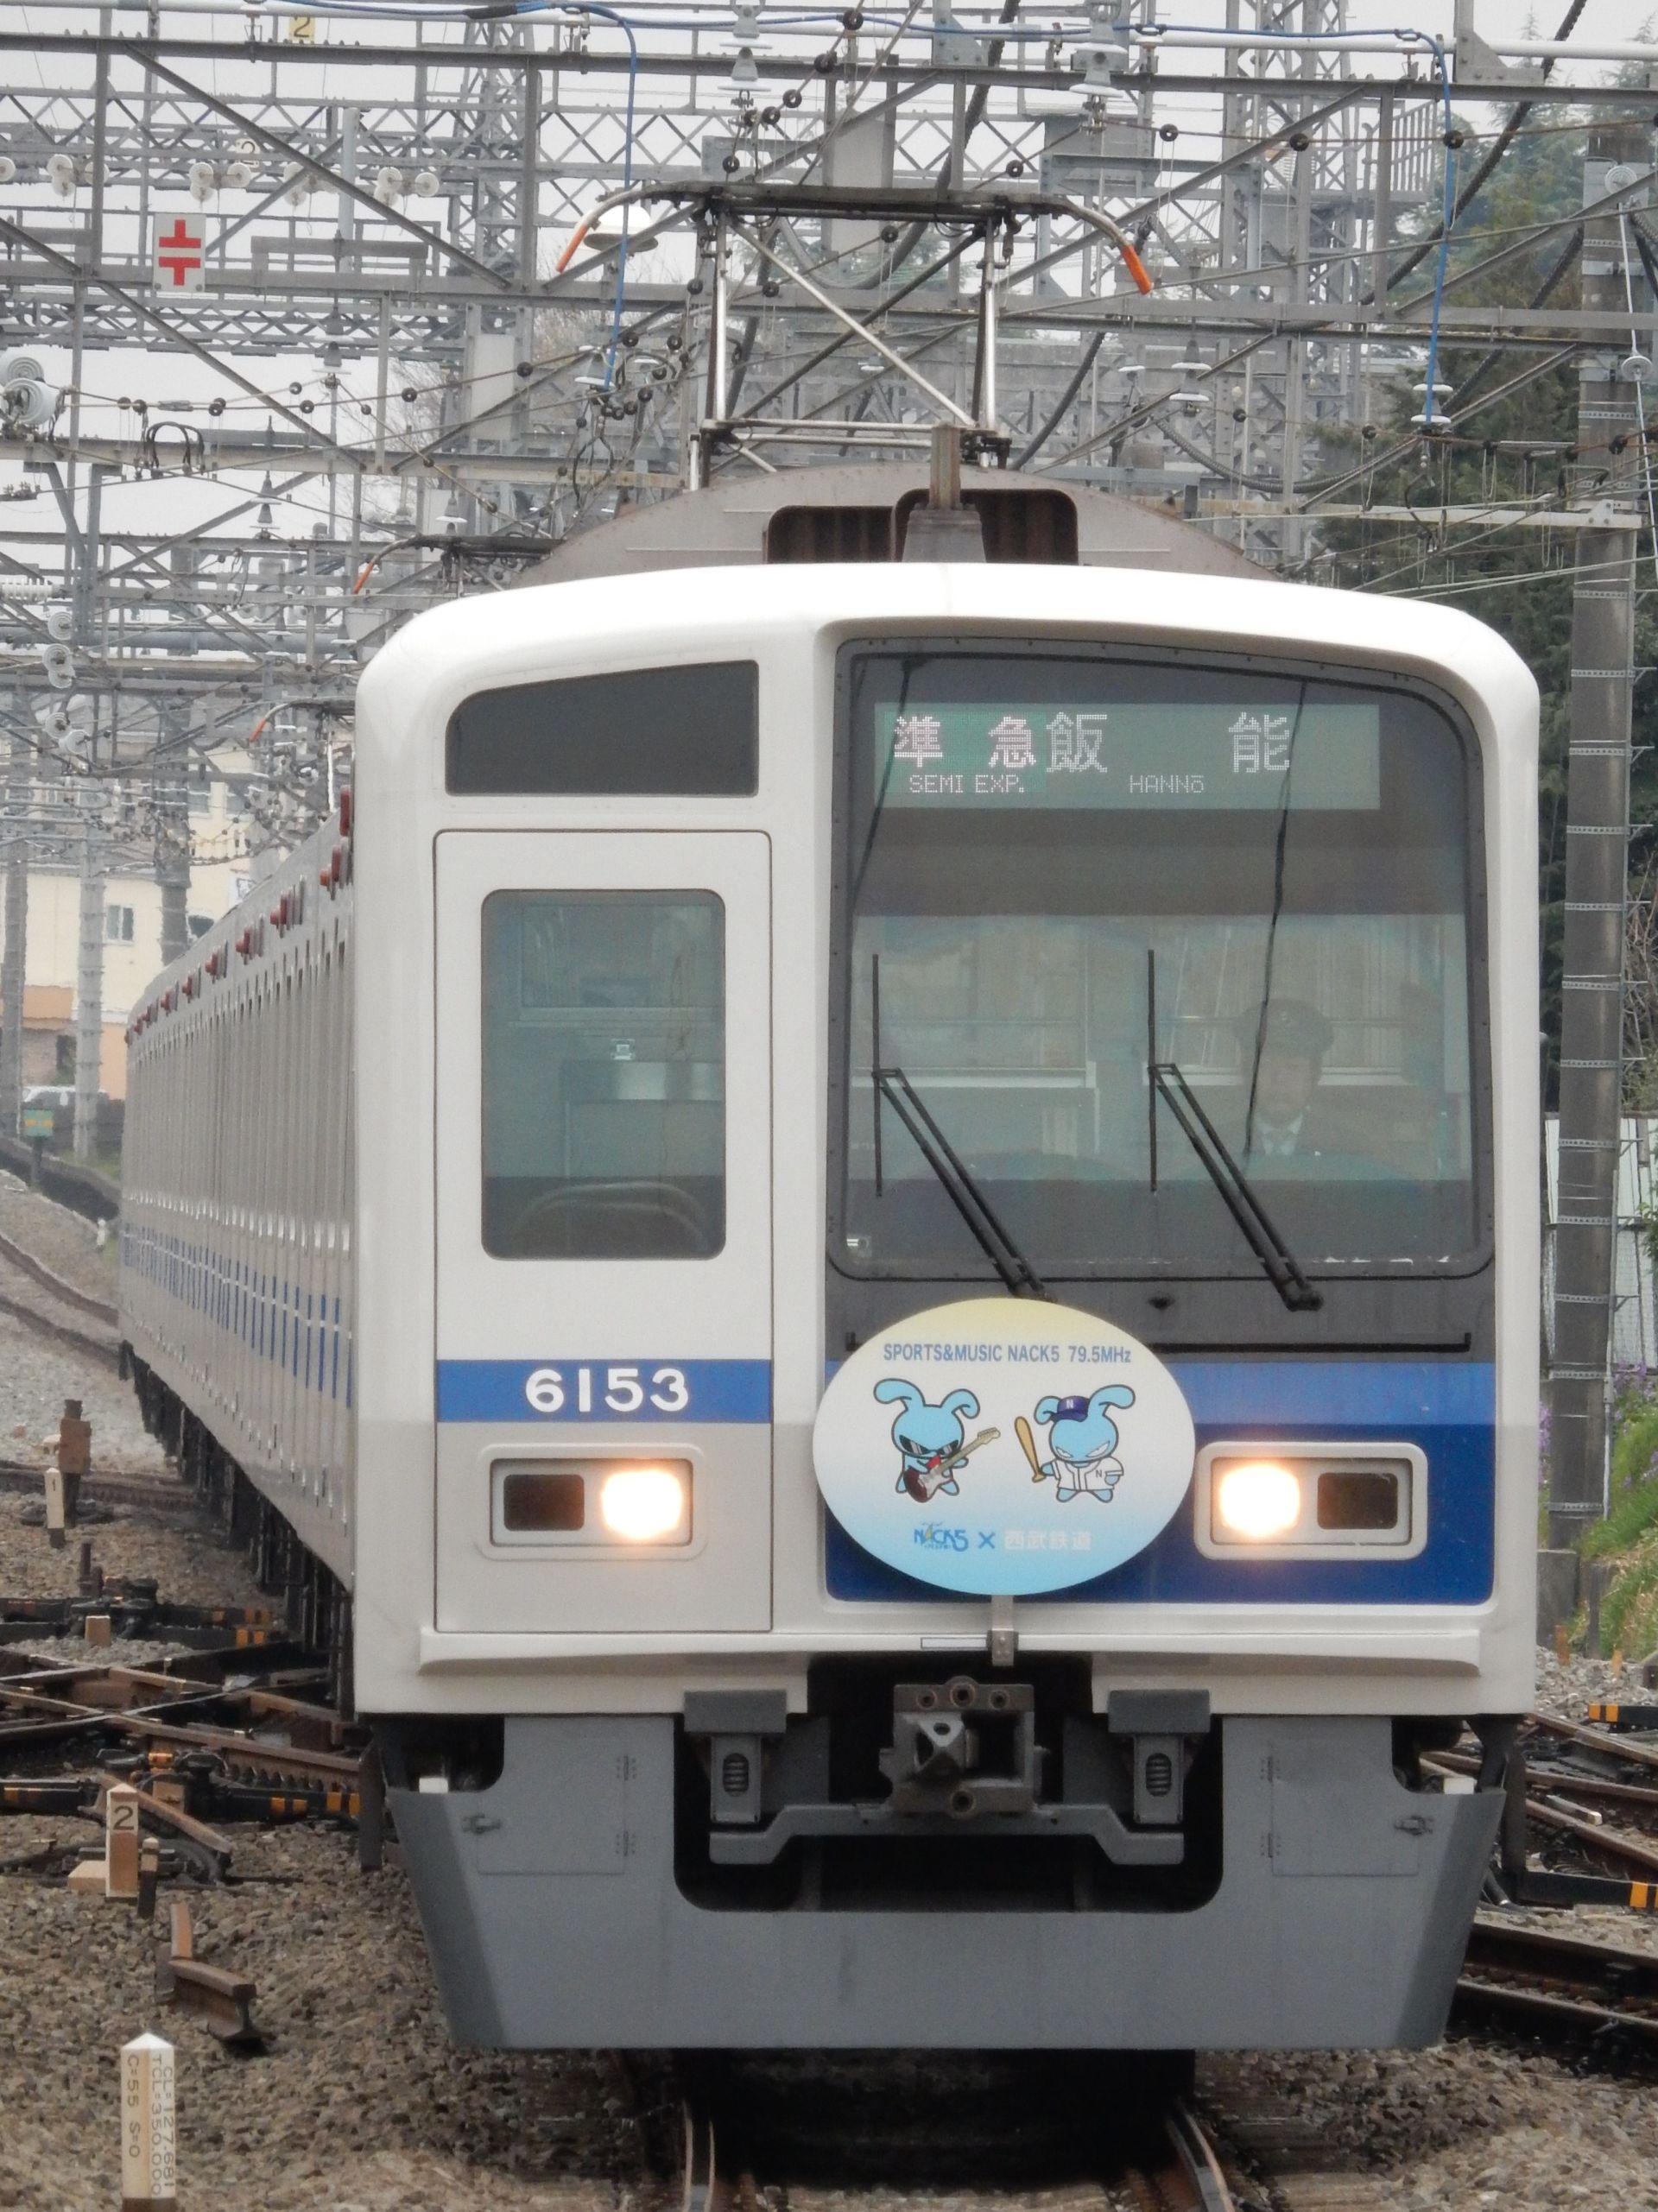 DSCN6632 - コピー